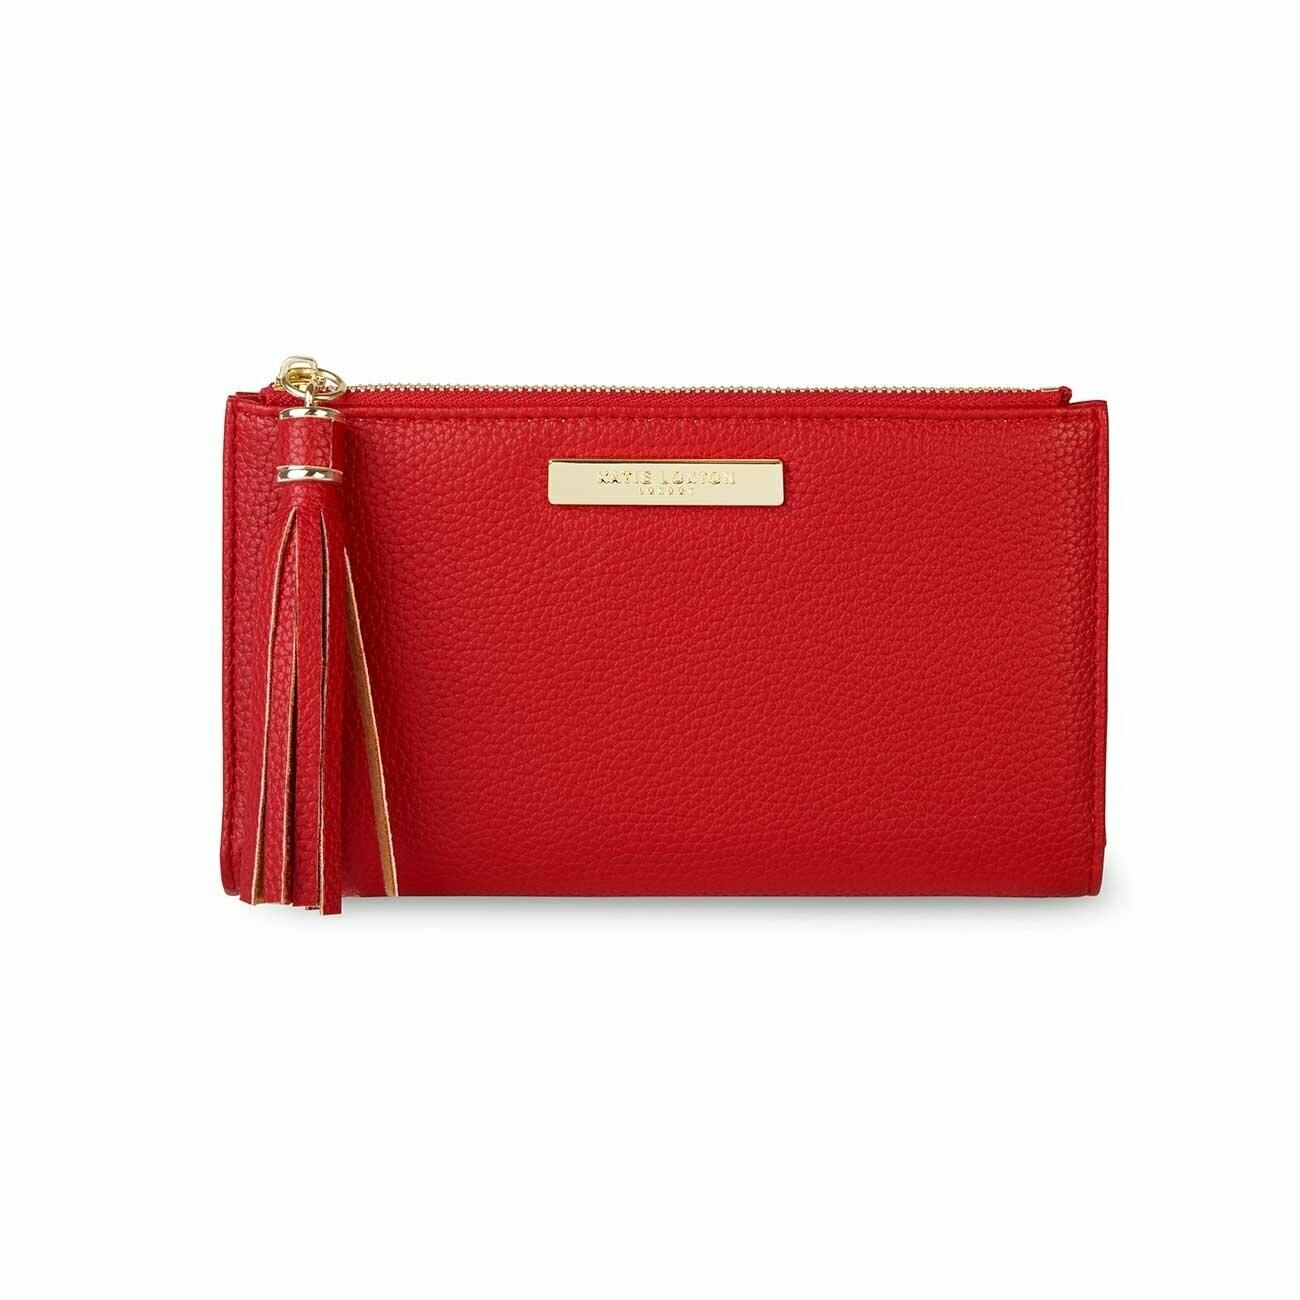 Portafoglio rosso Sophia - Katie Loxton KLB1022